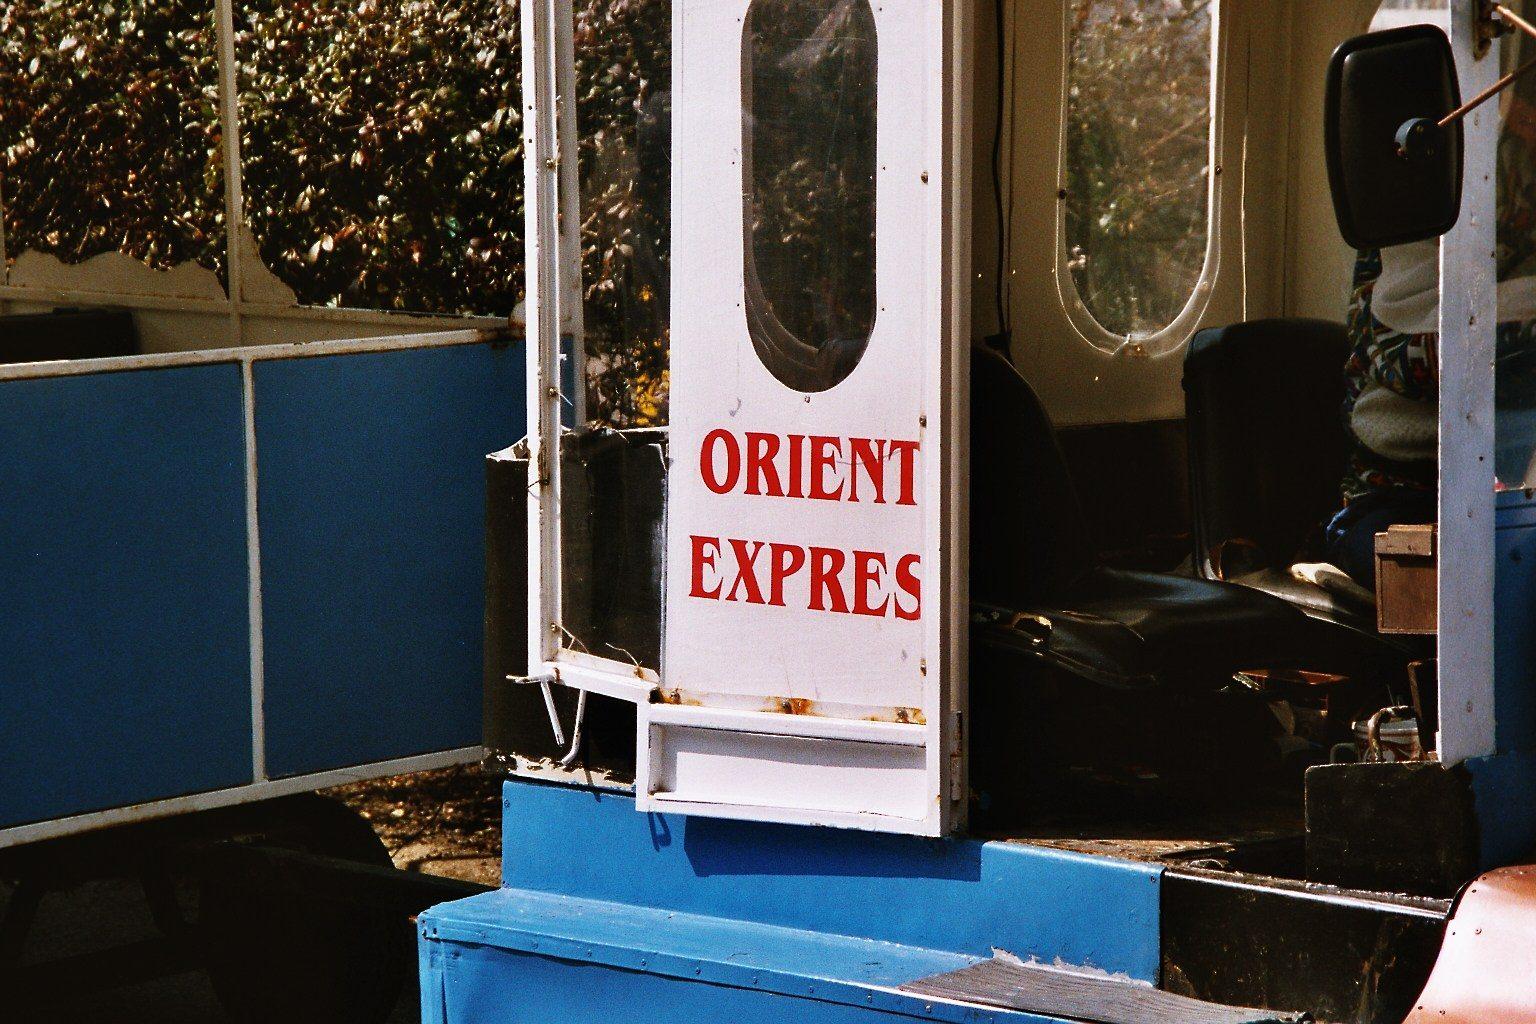 Liberec - Expres